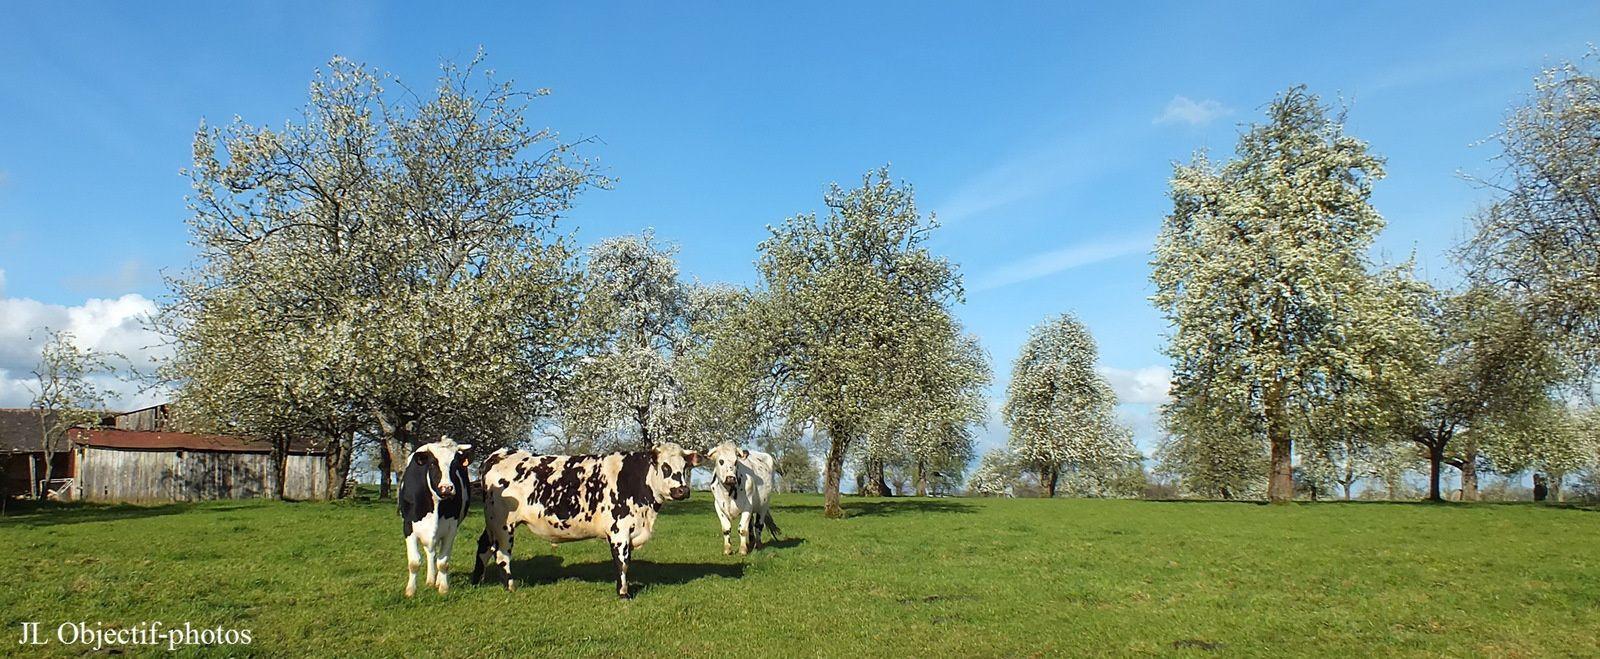 Pommiers en fleurs, vaches normandes dans verger